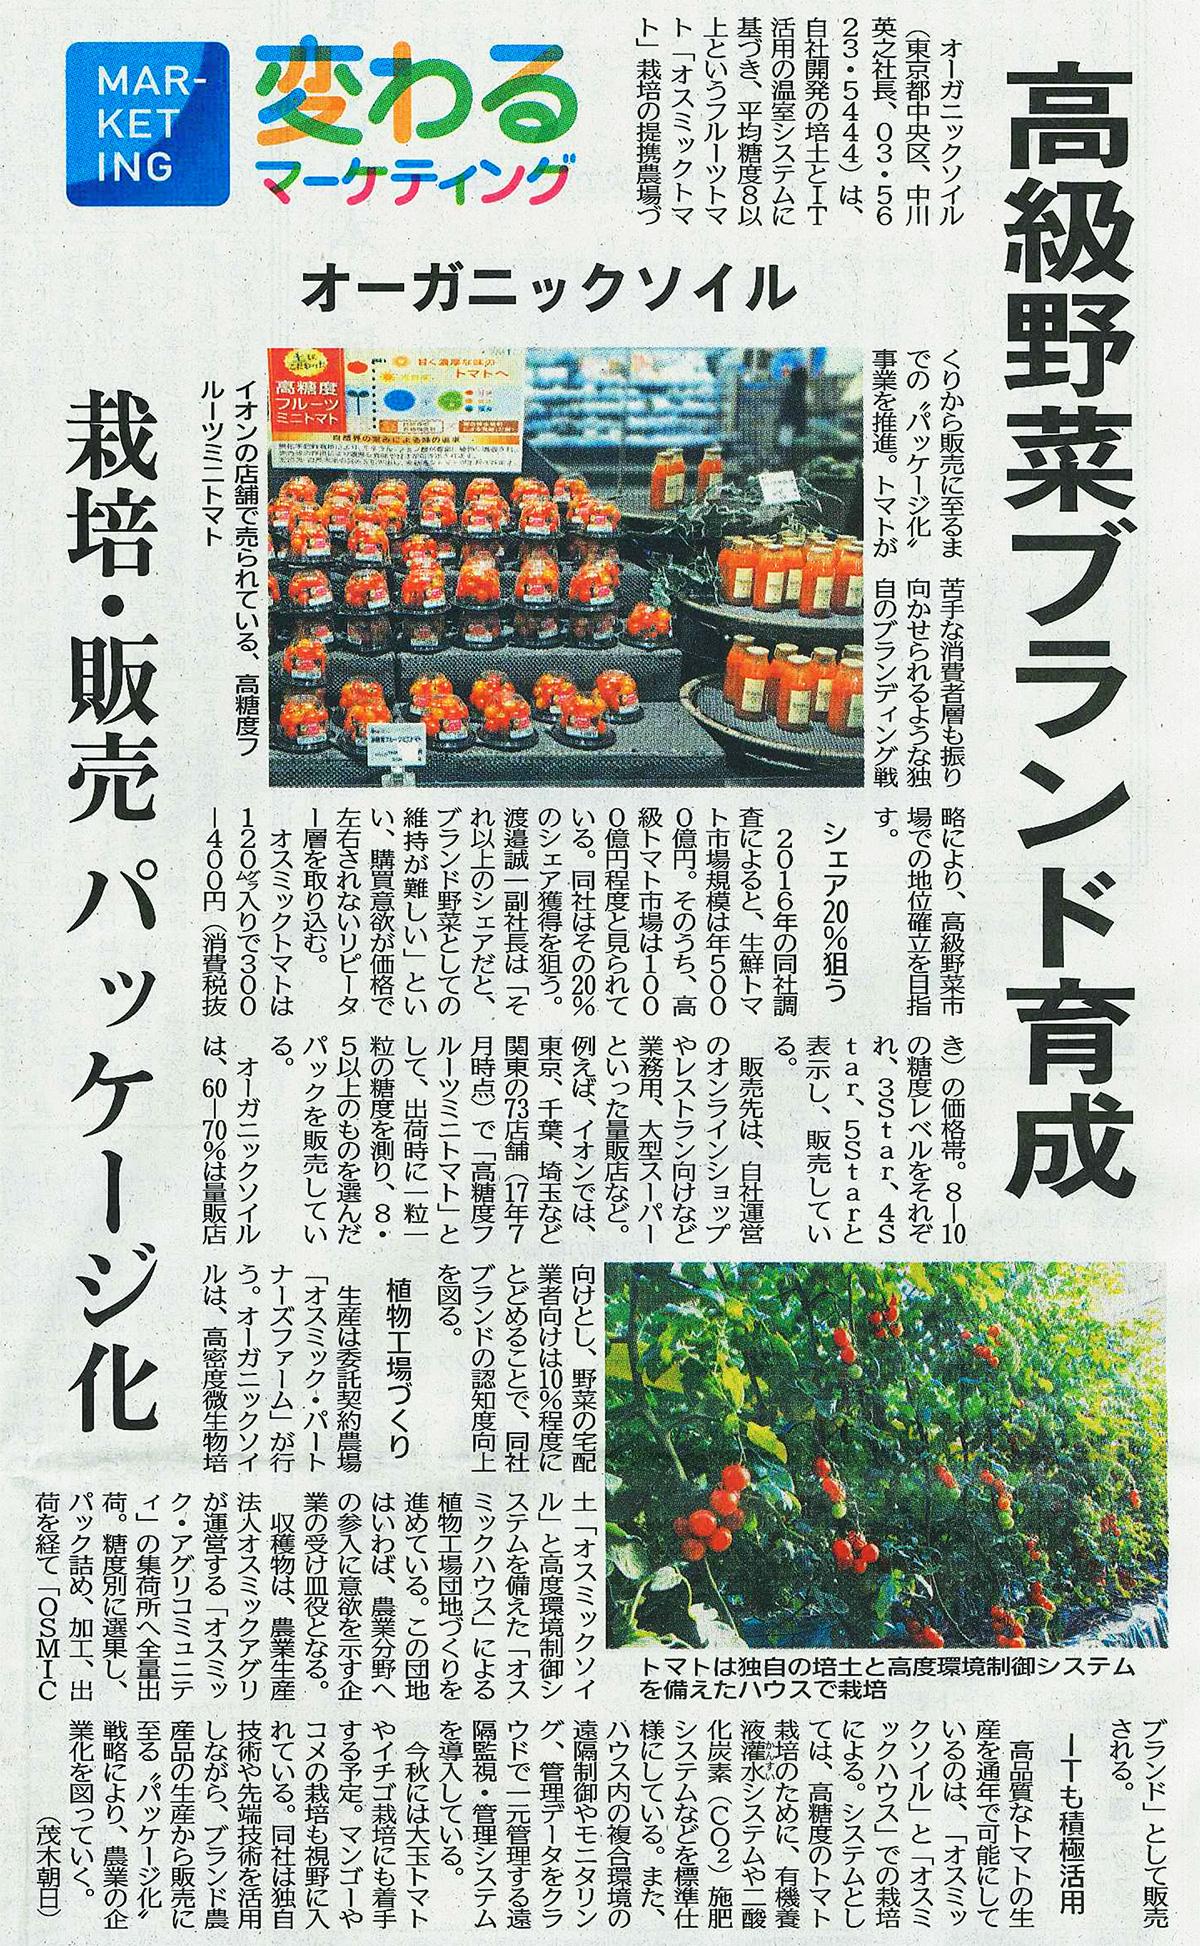 日刊工業新聞3月9日版